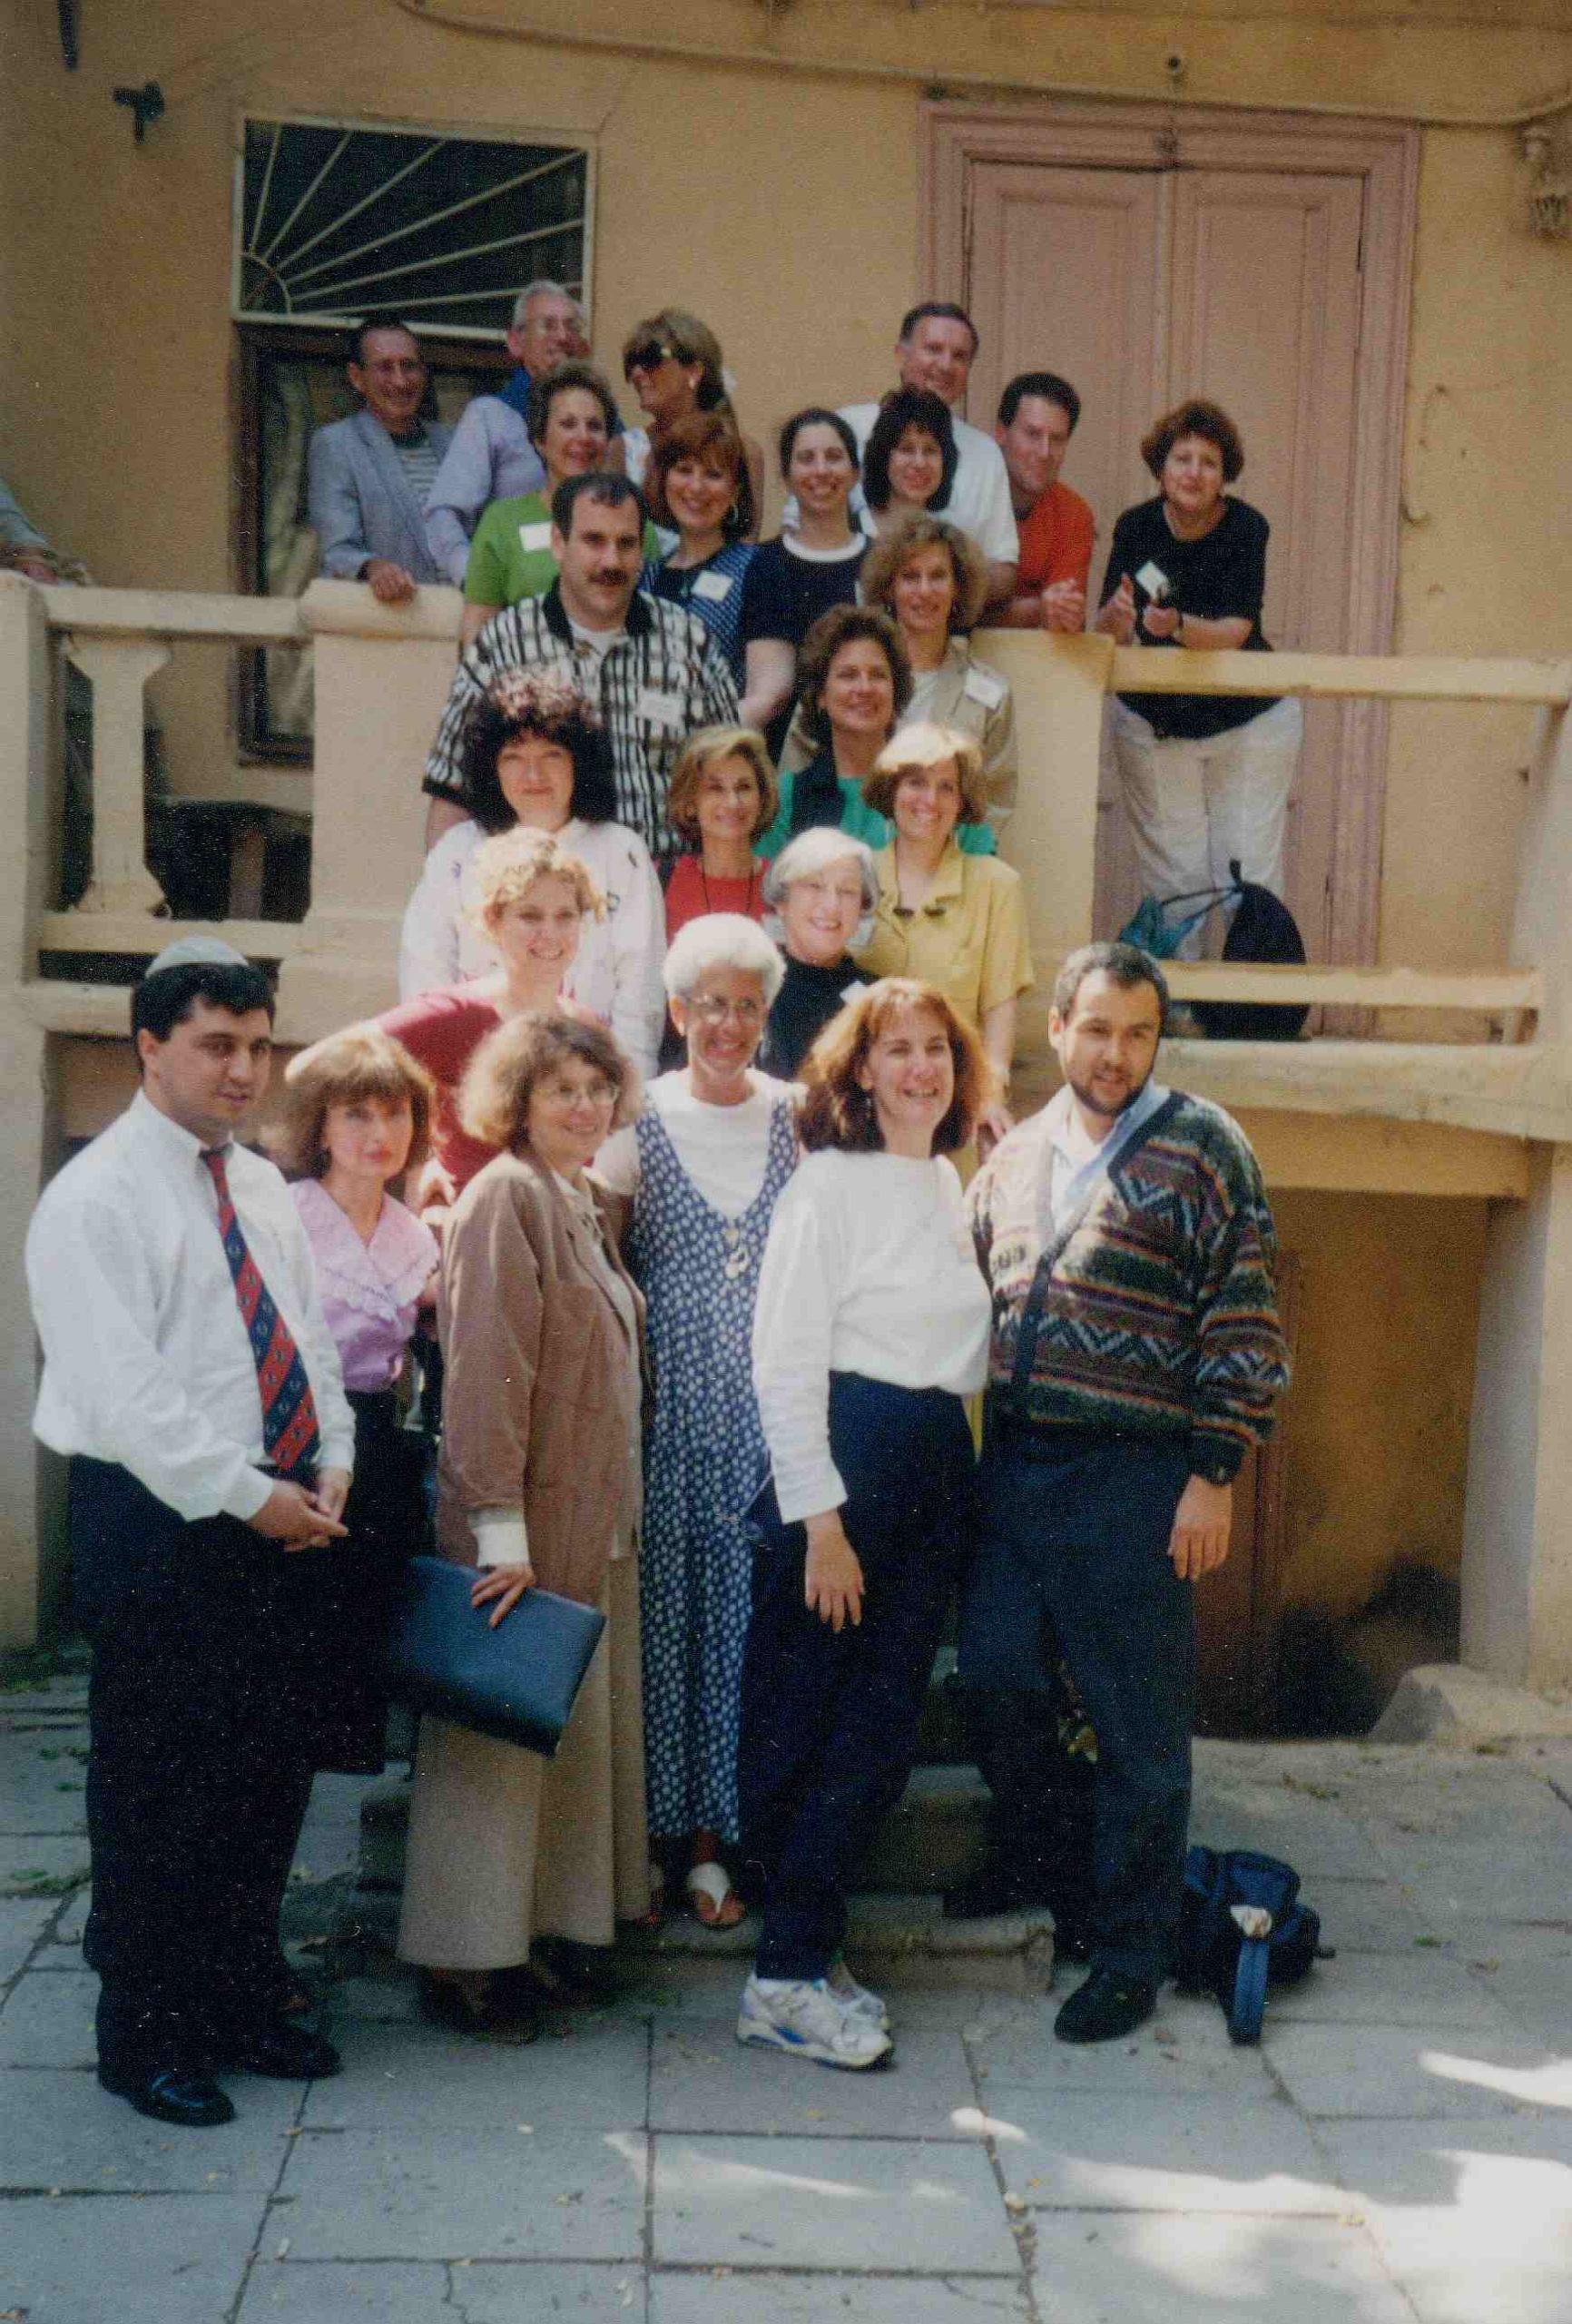 1992 image